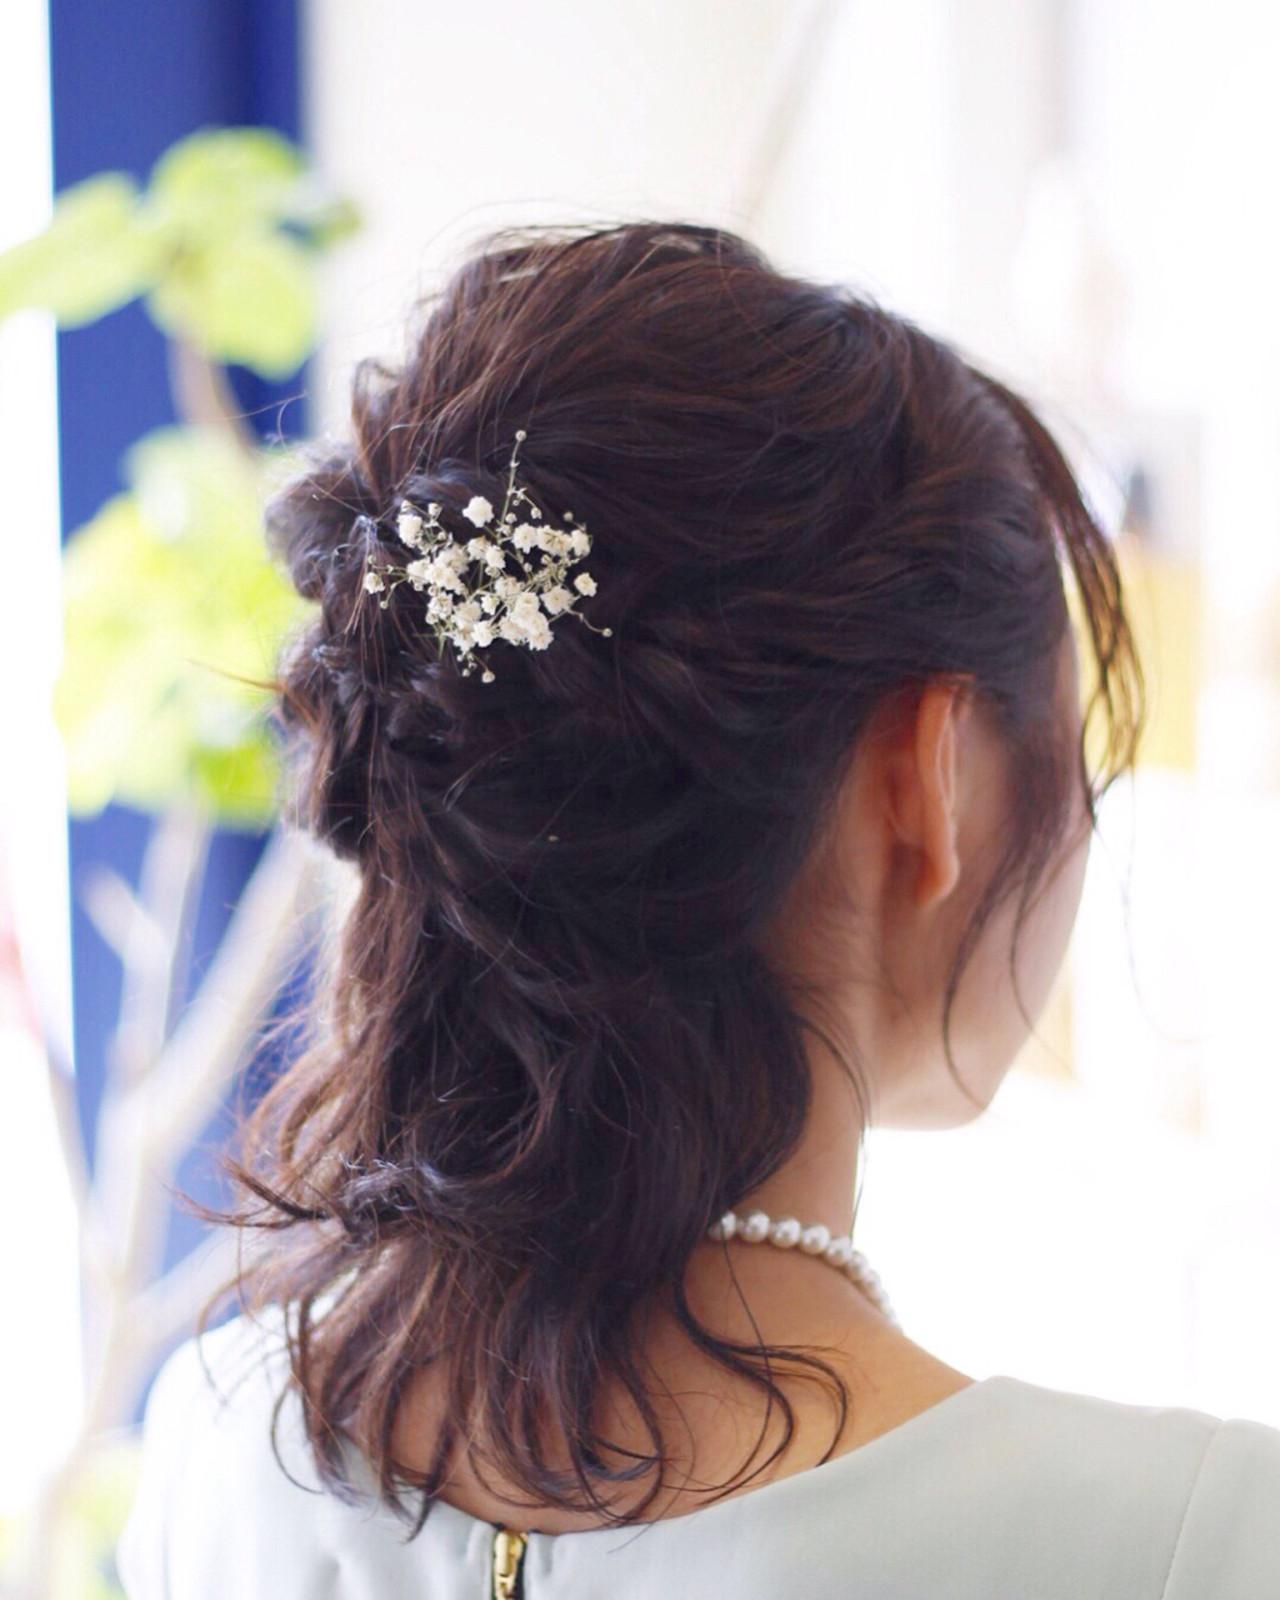 エレガント ヘアアレンジ 結婚式 ハーフアップヘアスタイルや髪型の写真・画像